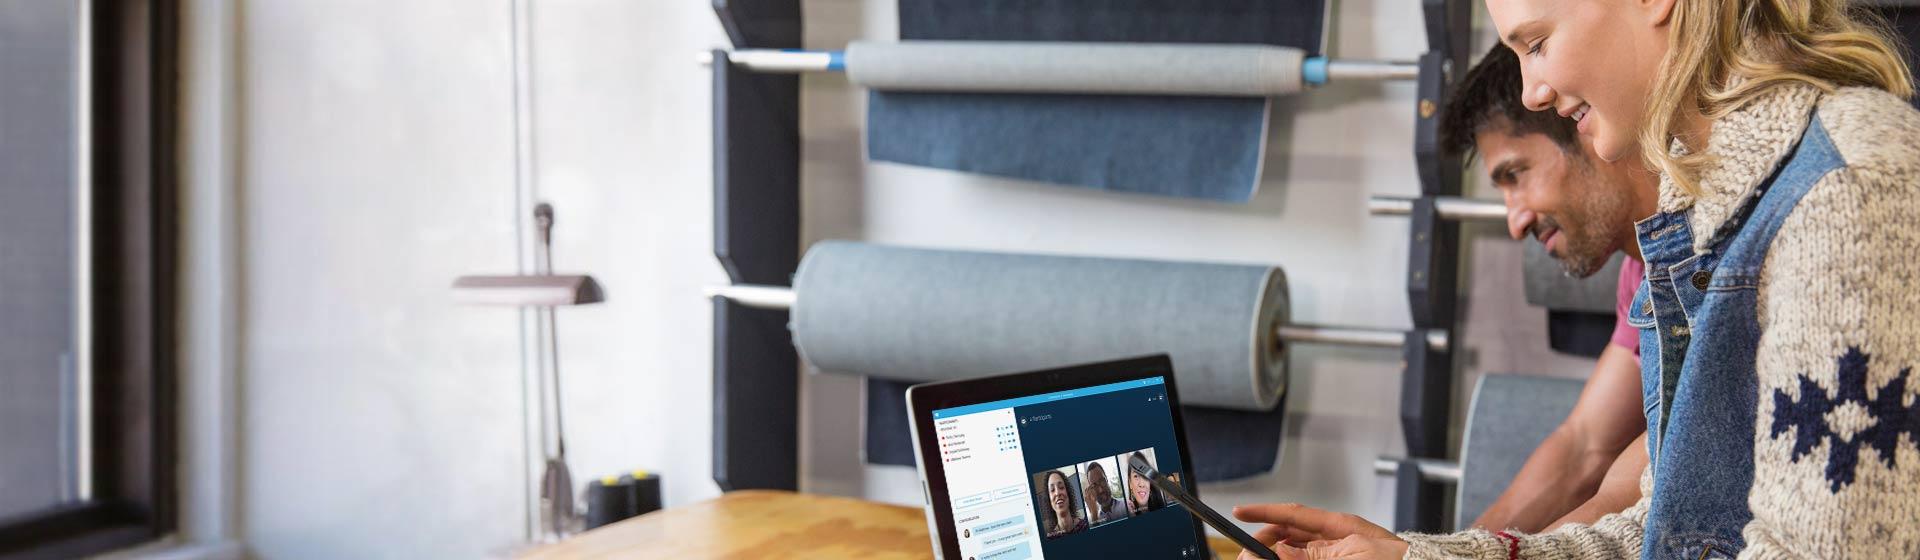 男性と女性がタブレットで Skype 会議を使用しています。女性はスマートフォンを持っています。